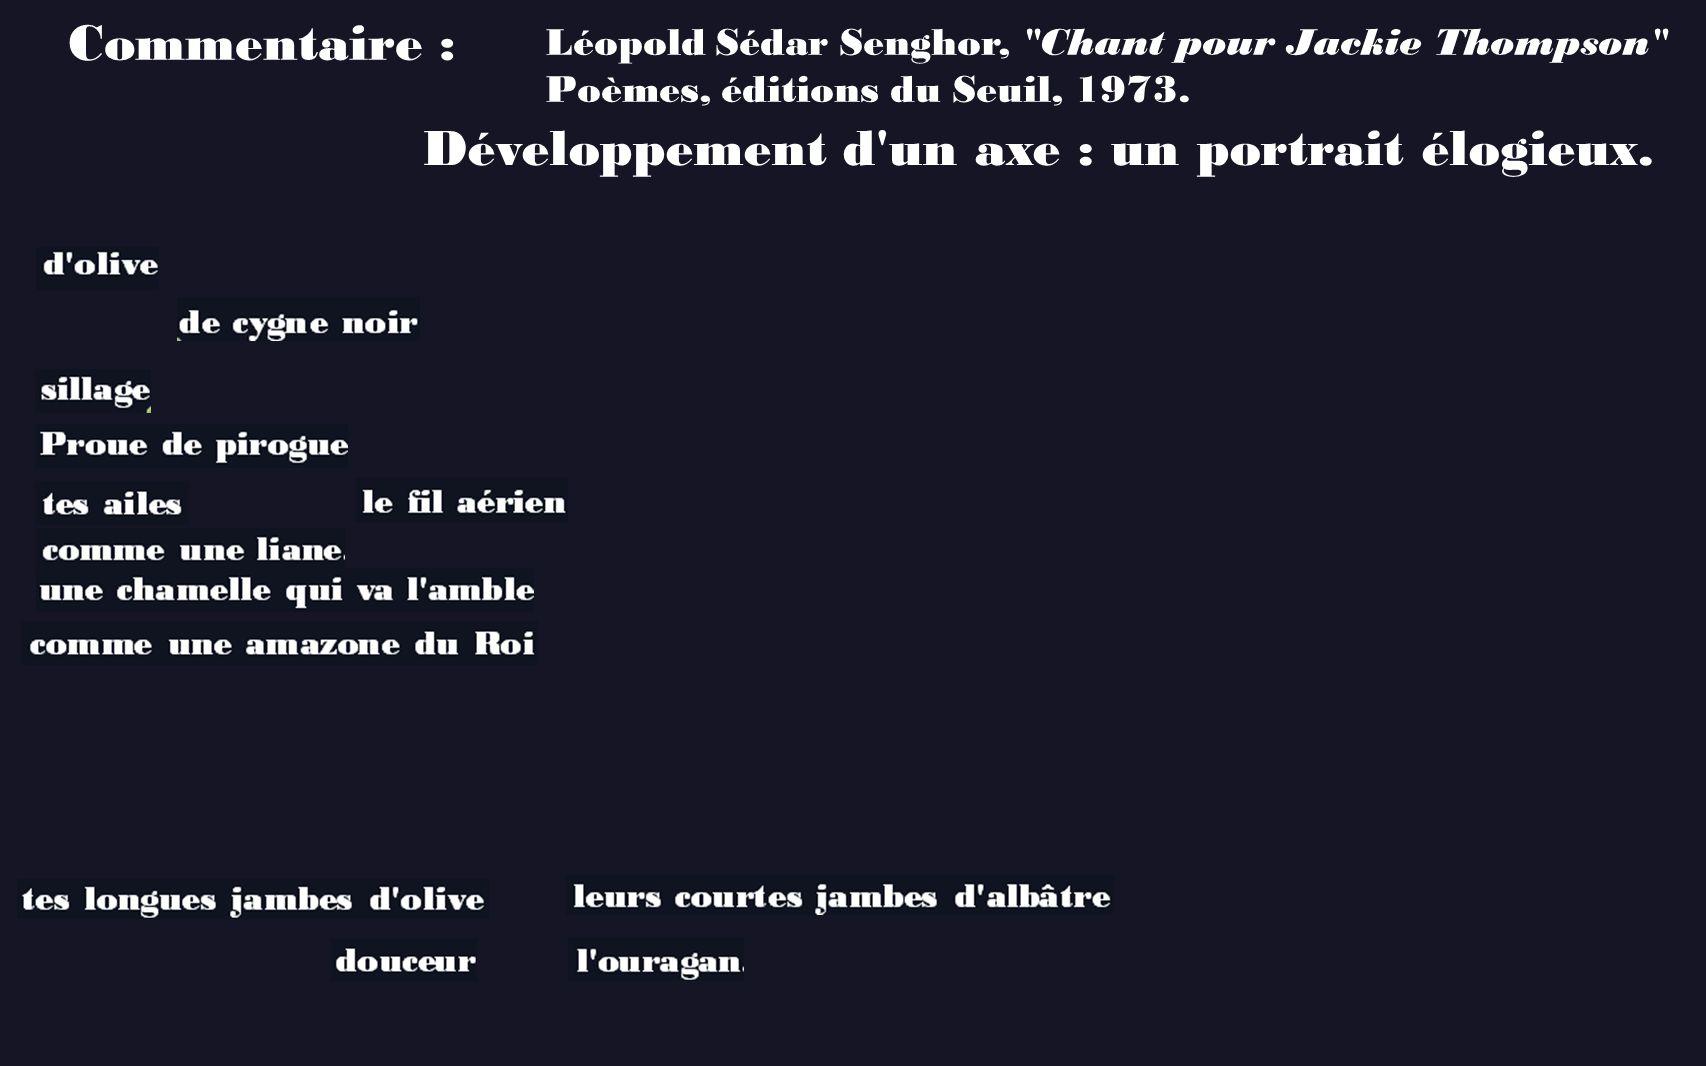 Commentaire : Léopold Sédar Senghor,